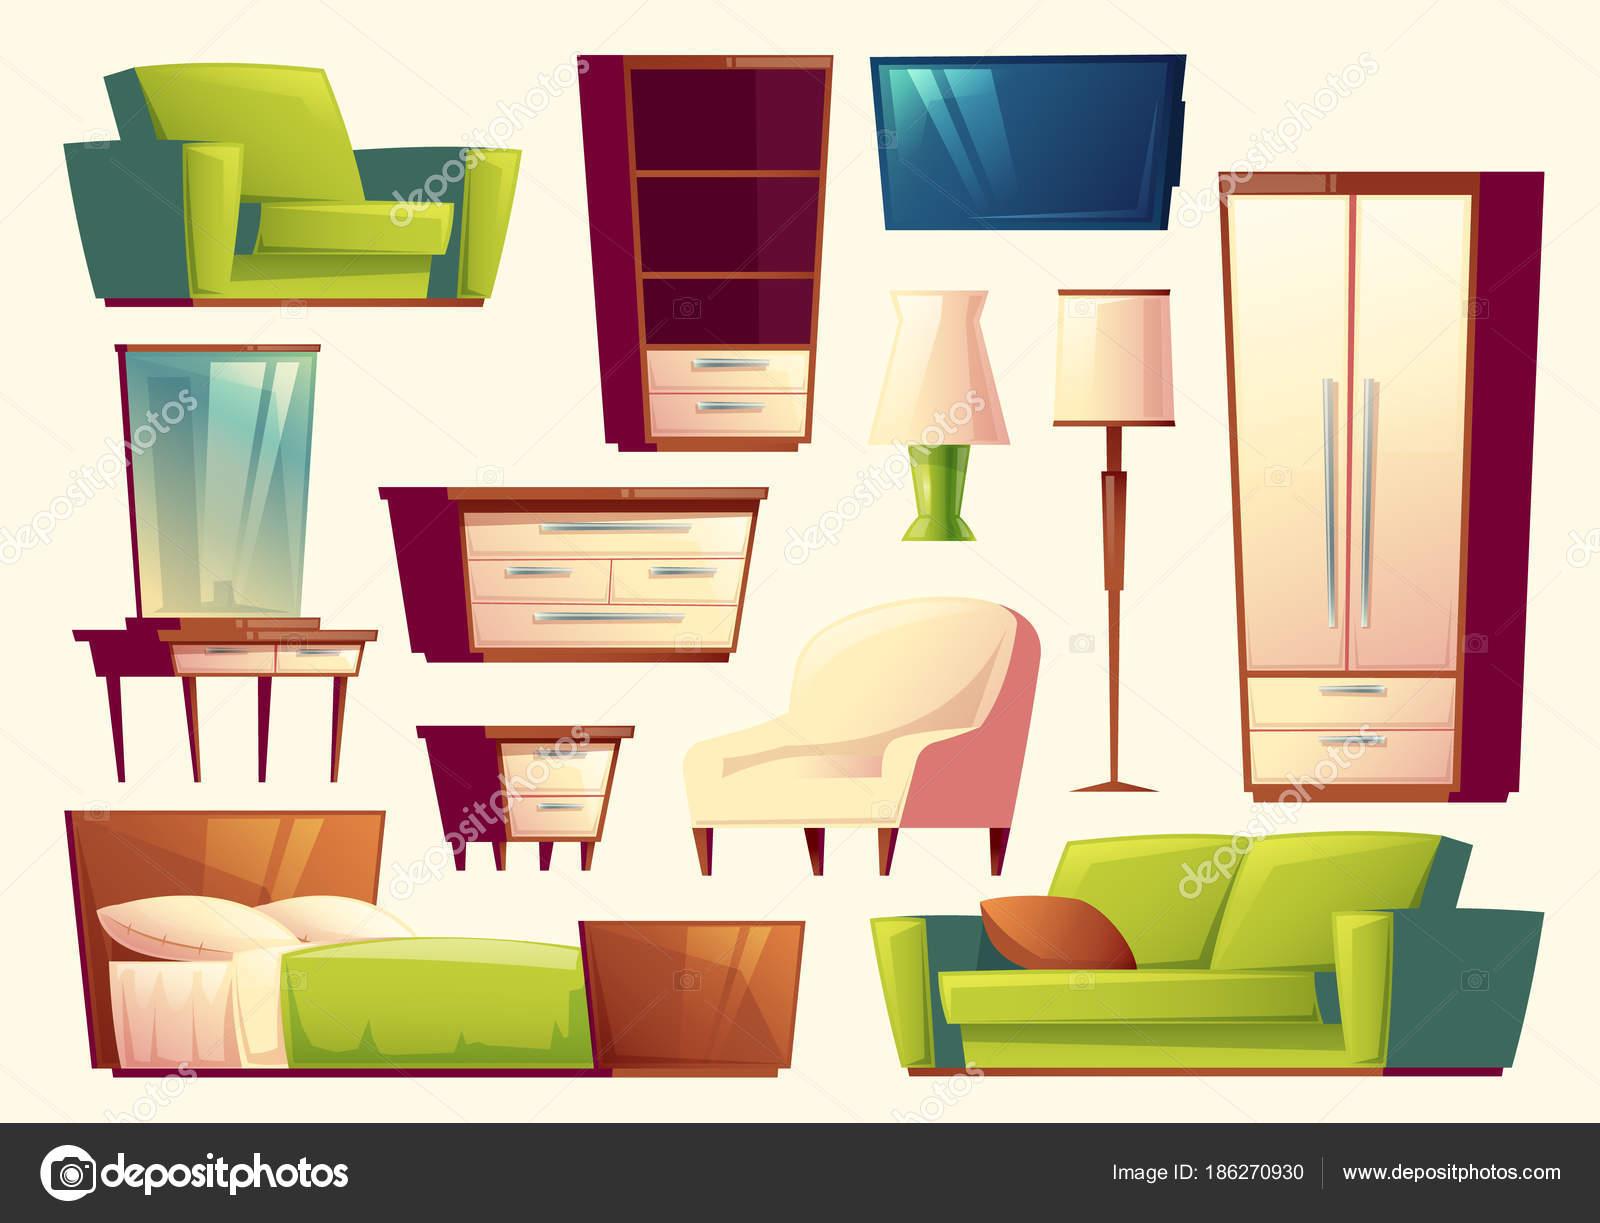 Vector de dibujos animados conjunto de muebles - sofa, cama, armario ...